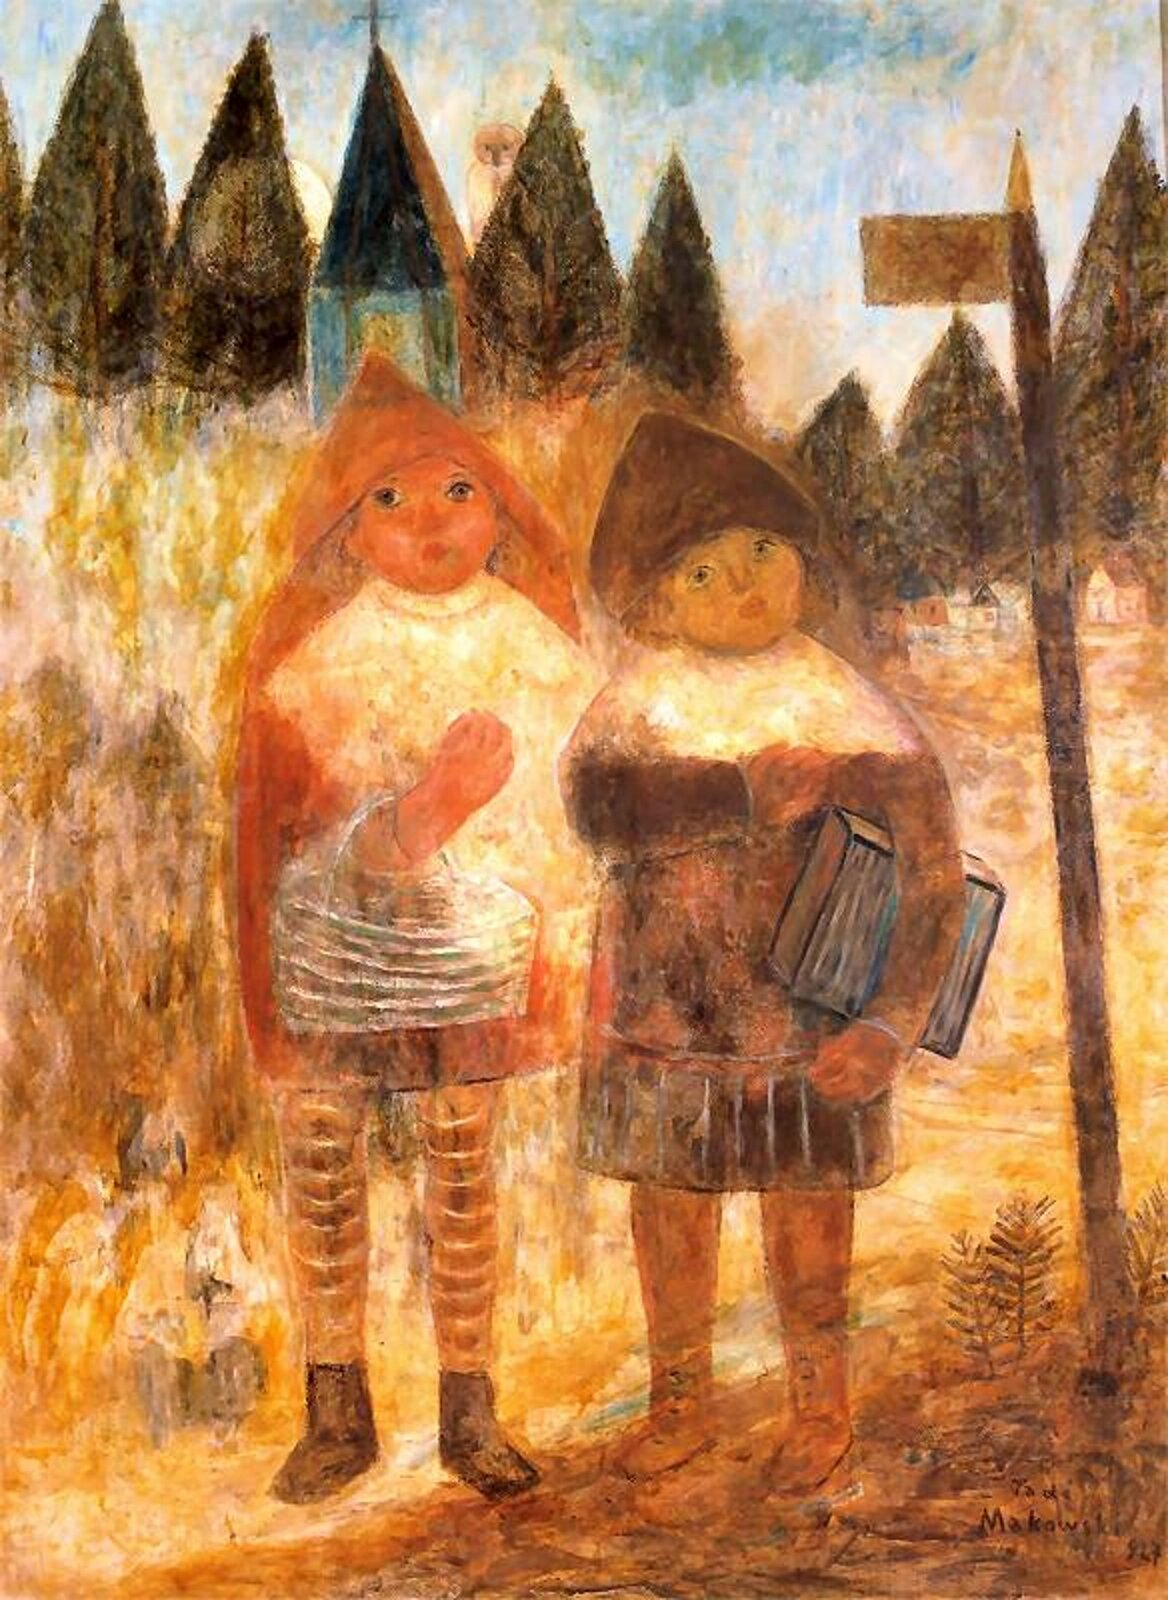 """Ilustracja przedstawia obraz pt. """"Powrót ze szkoły"""" autorstwa Tadeusza Makowskiego. Dzieło ukazuje dwie postacie dziecięce wracające ze szkoły. Jedna znich trzyma dużą książkę pod pachą, druga na ręce zawieszony ma biały koszyk. Dzieci ubrane są wkurtki zkapturami, które mają na głowie."""